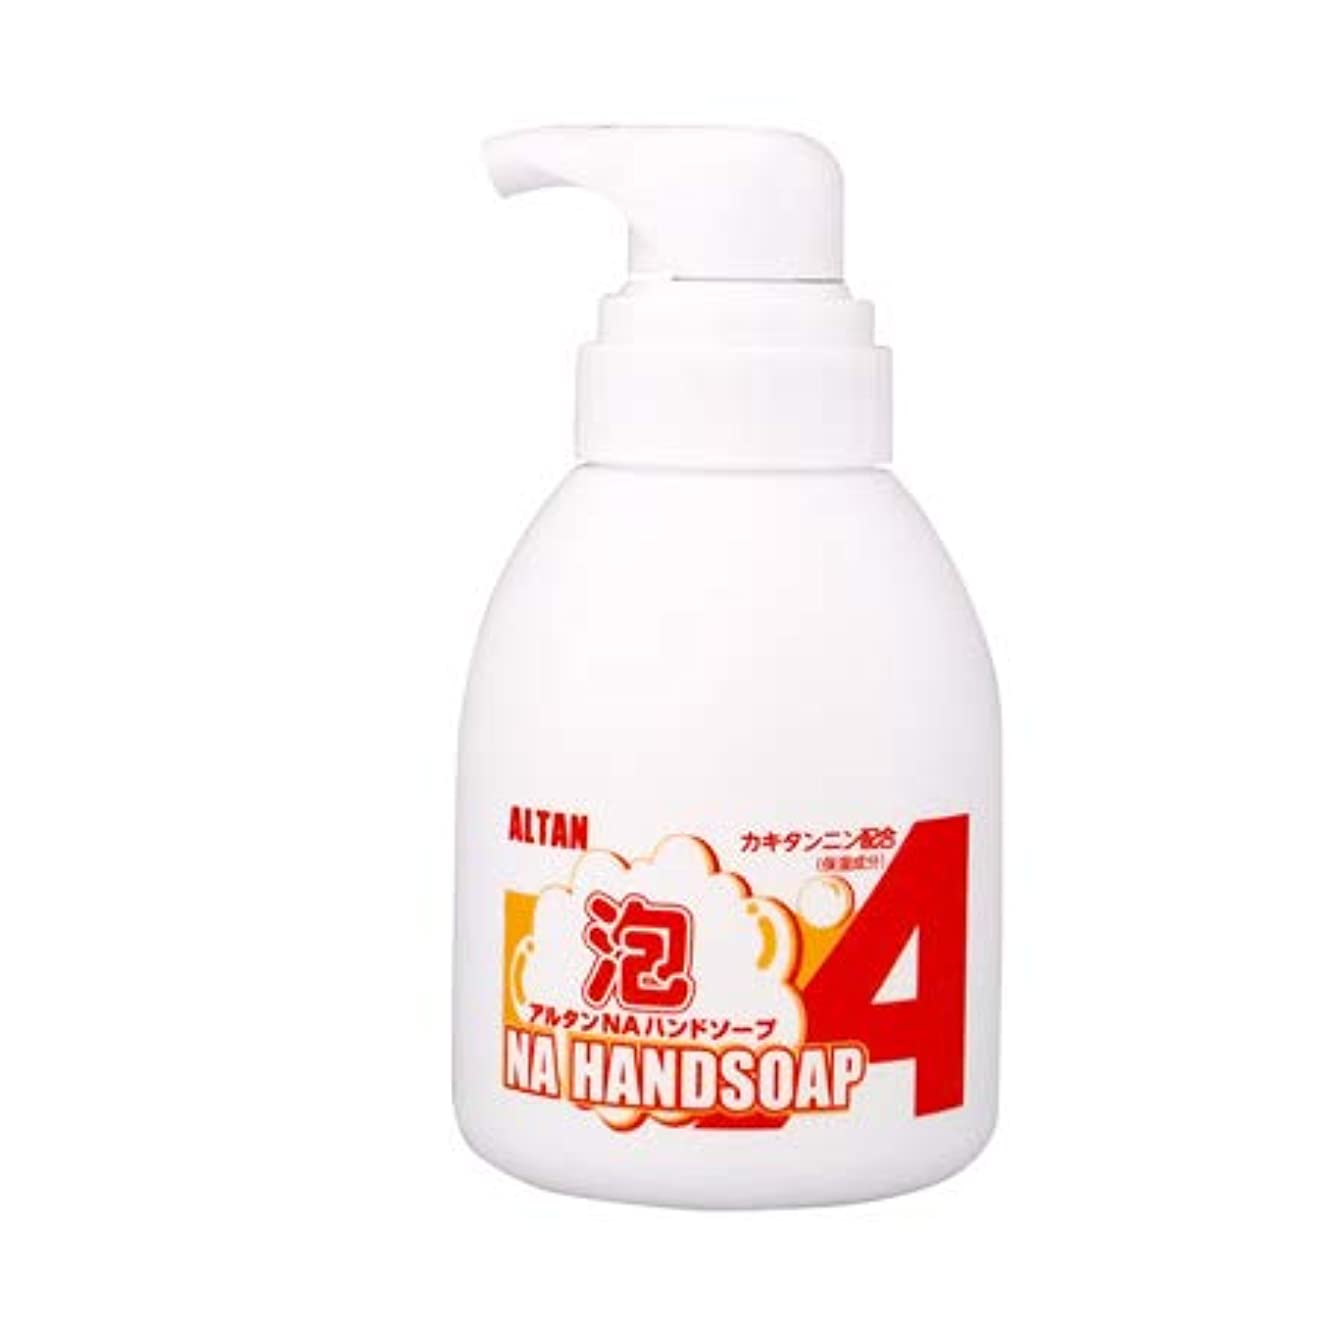 アルタンNAハンドソープ 泡タイプ 500ml ボトル 1ケース (20本入)